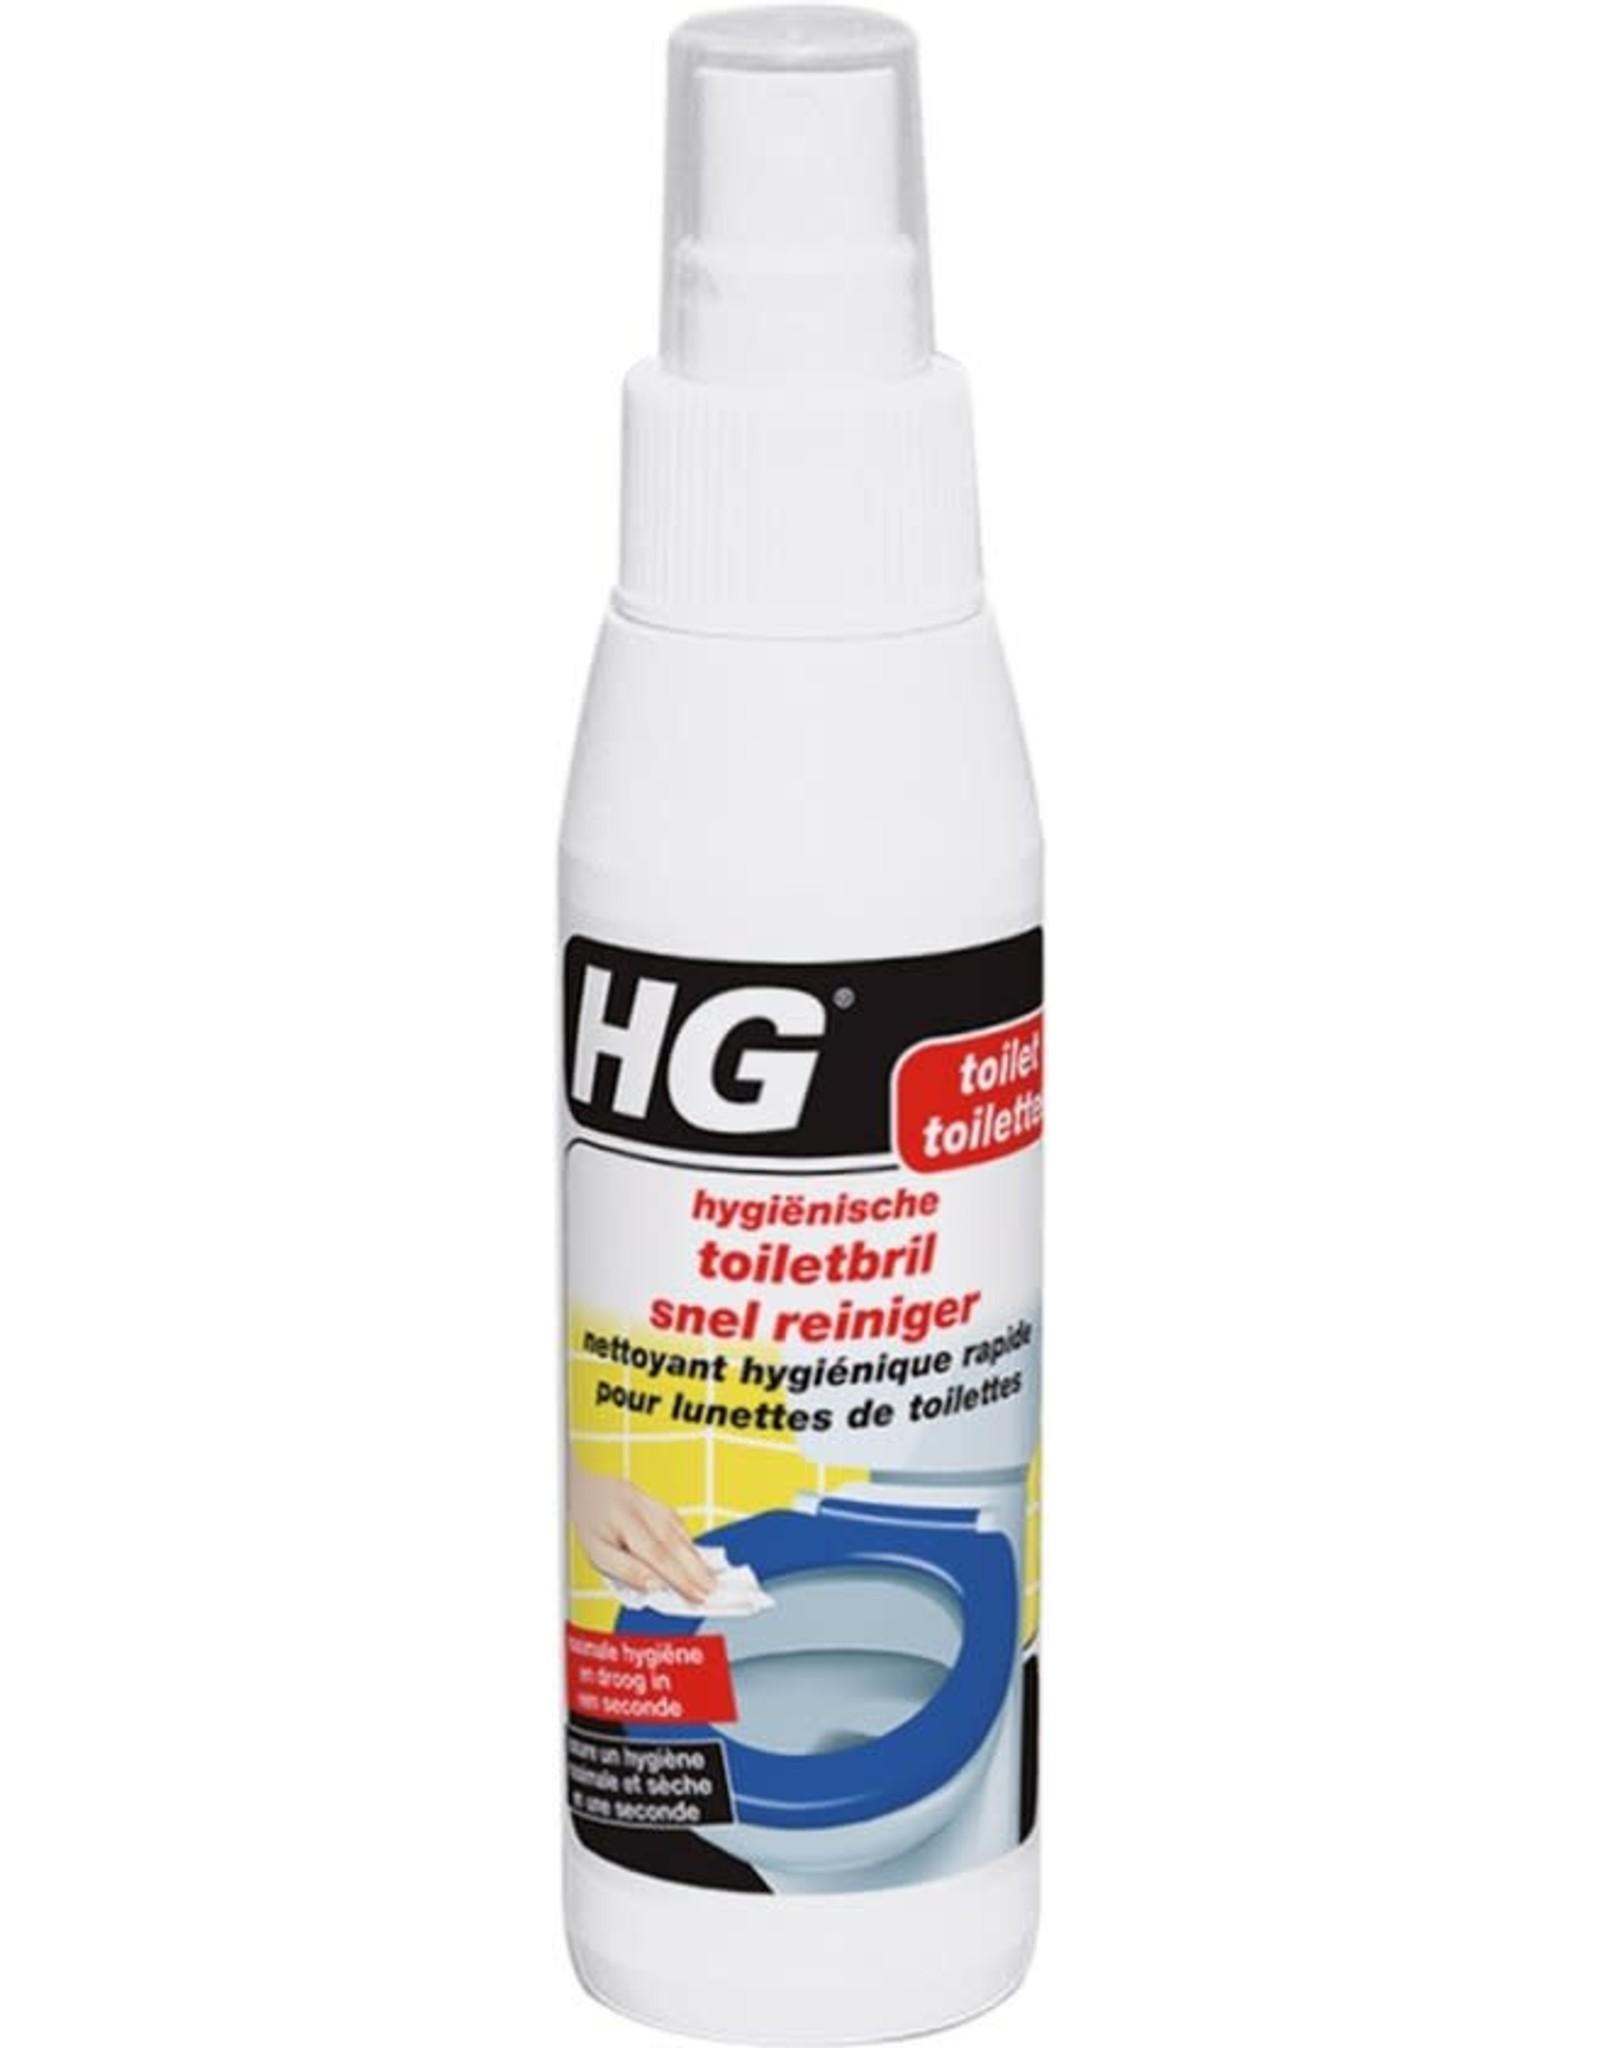 HG Hygiënische Toiletbril Snel Reiniger 100ML